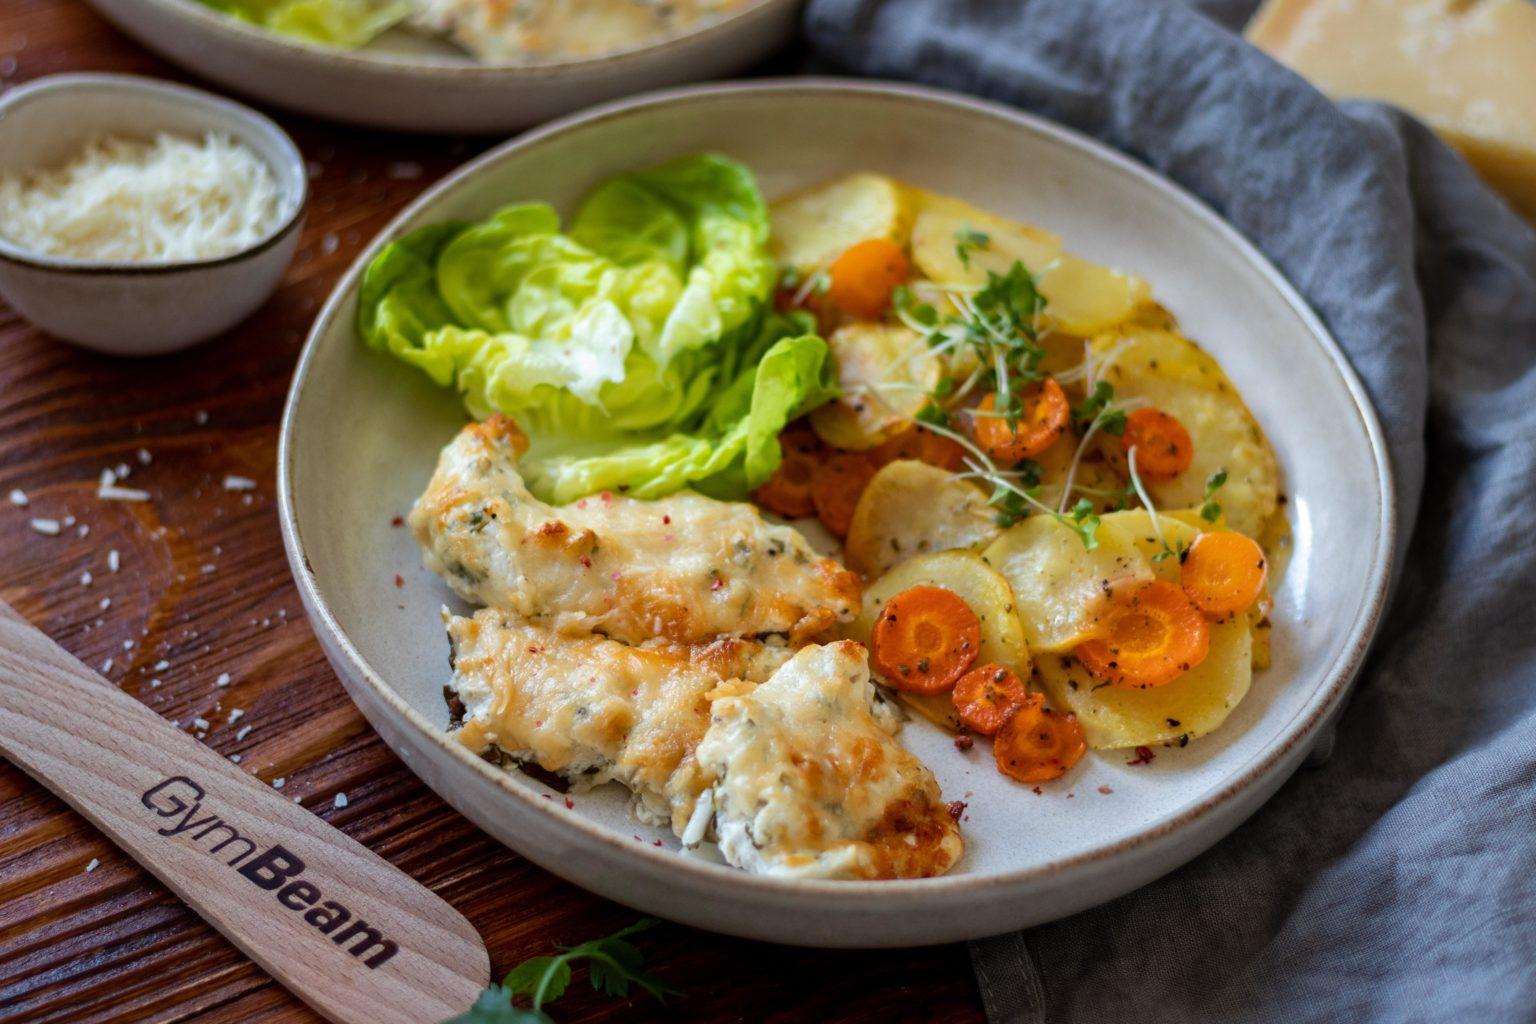 Fitness recept: sült csirkemell joghurtos pácban - GymBeam..